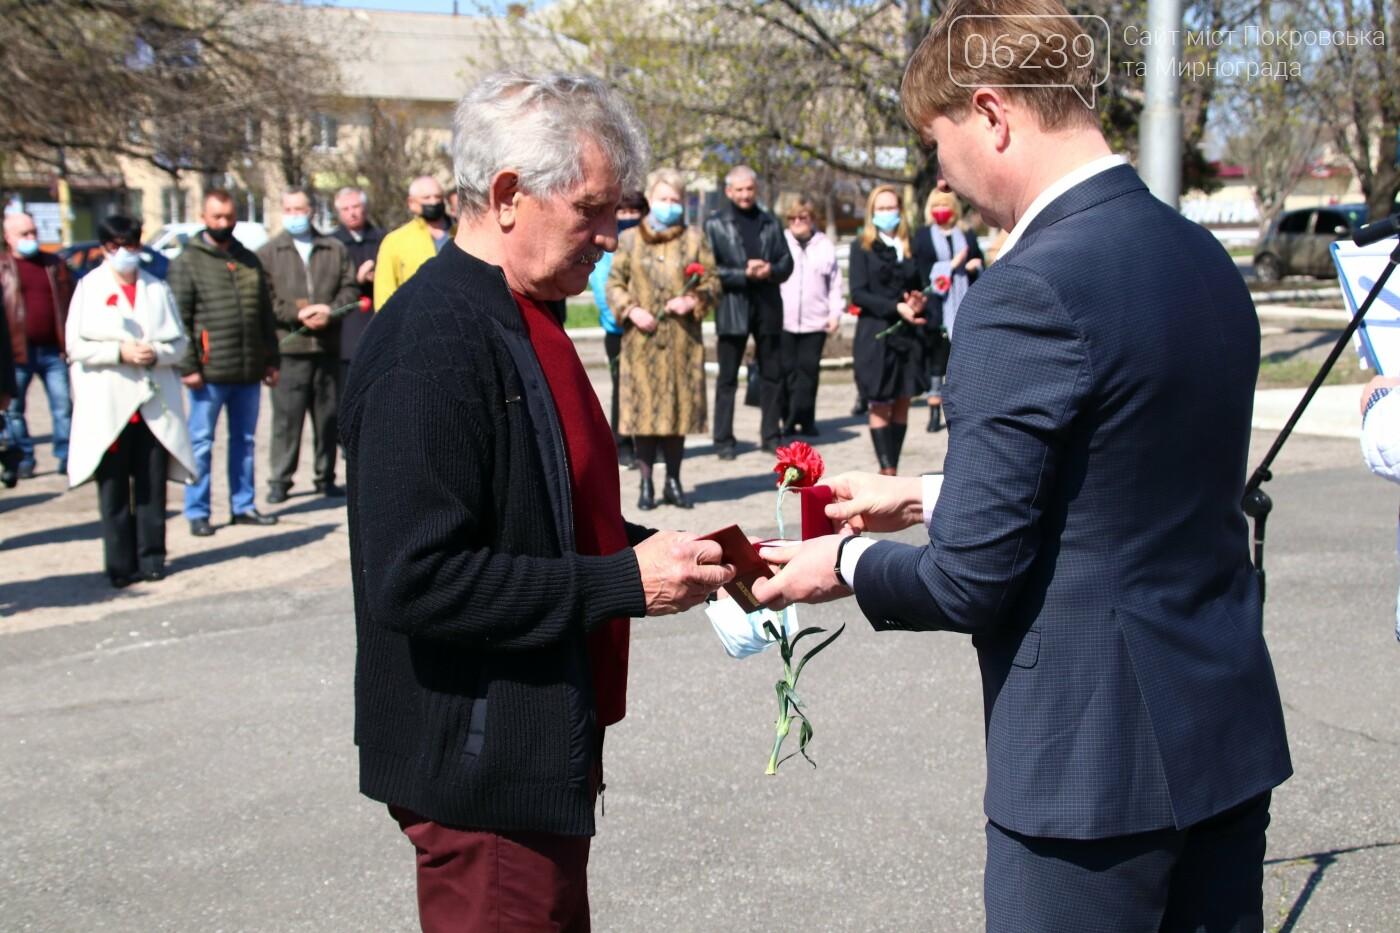 35-я годовщина трагедии: в Мирнограде почтили память ликвидаторов аварии на ЧАЭС, фото-8